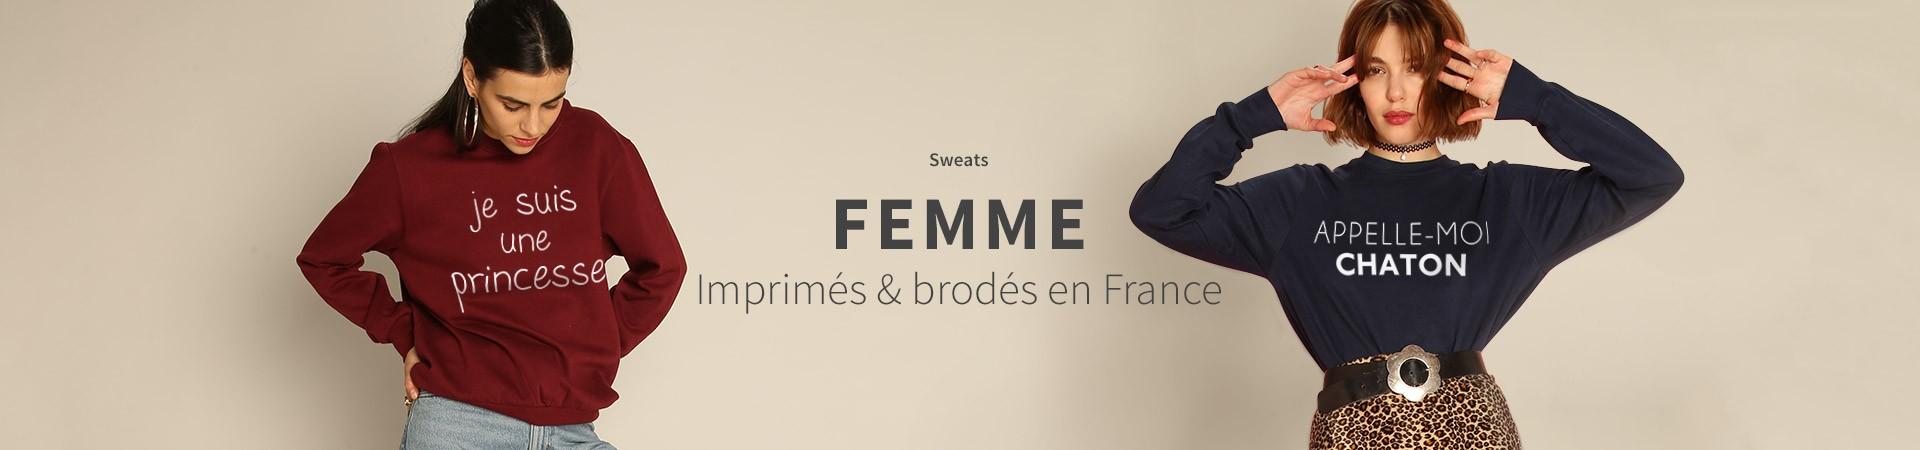 Sweats Femme